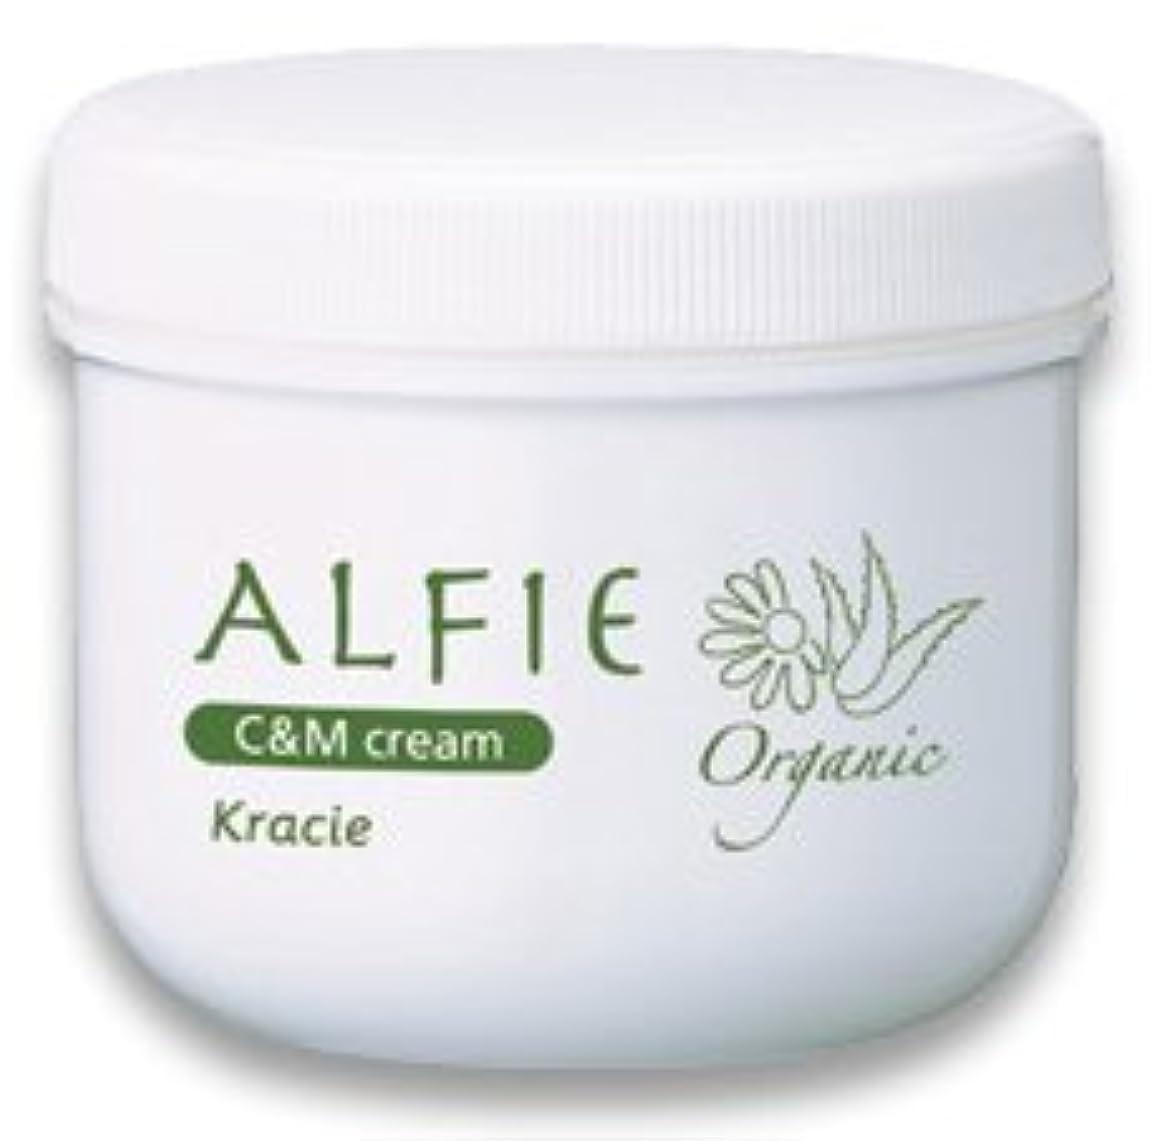 備品整理する舌なkracie(クラシエ) ALFIE アルフィー C&Mクリーム 290g クレンジング?マッサージ兼用クリーム